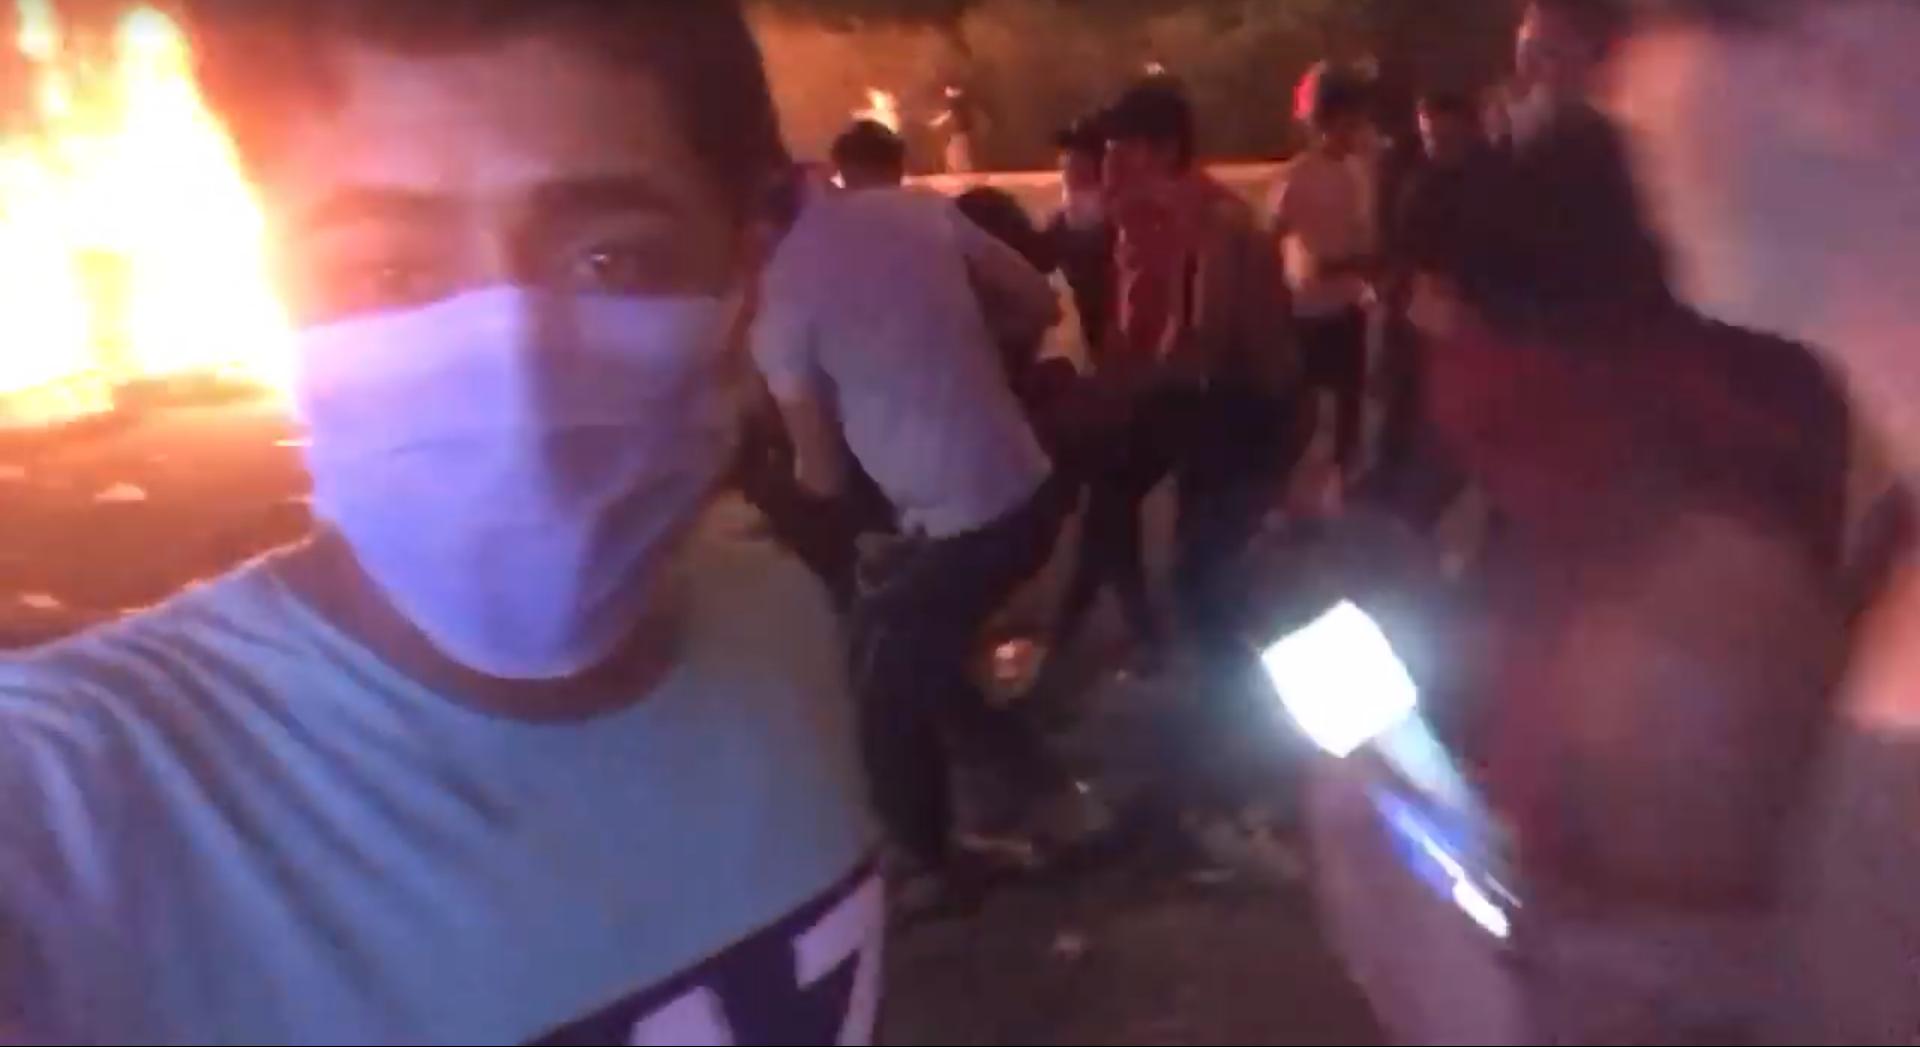 Dans cette vidéo, Dhargham Zenki montre un manifestant soulevé par d'autres et affirme qu'il a été blessé par des balles réelles.